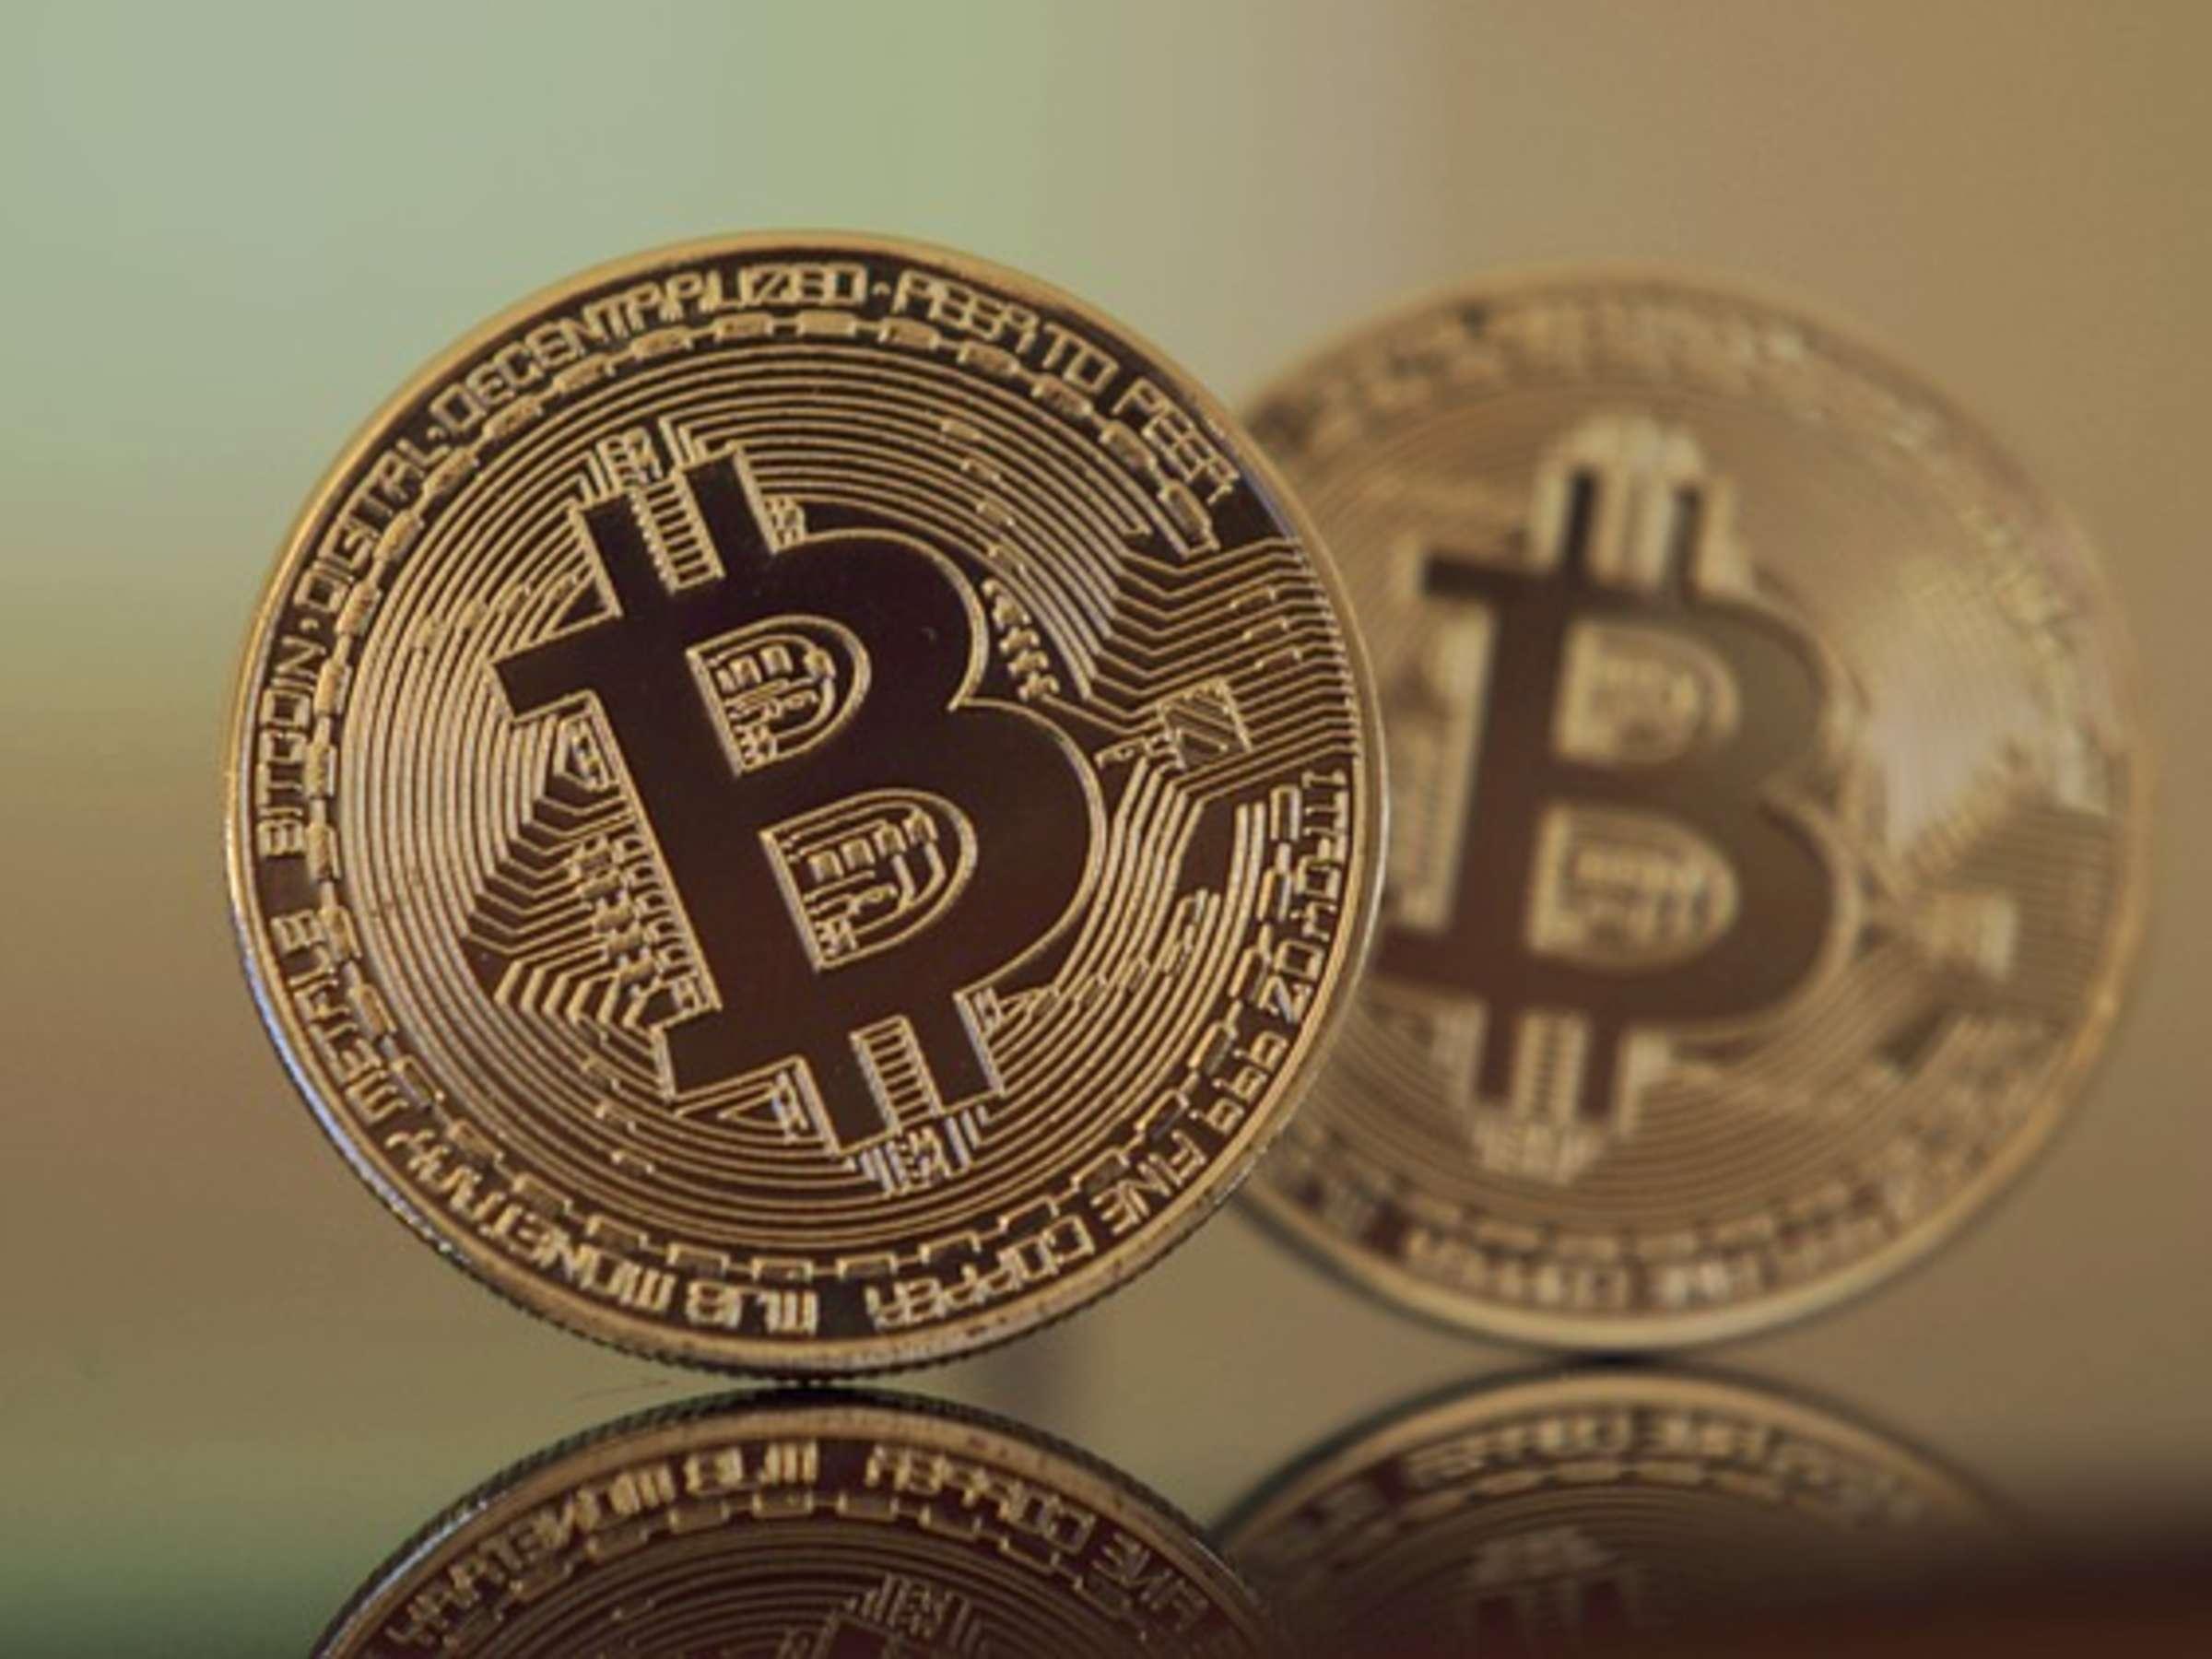 bitcoin kaufen wer bekommt das geld bitcoin über bitfinex kaufen wo wird robinhood crypto gehandelt?